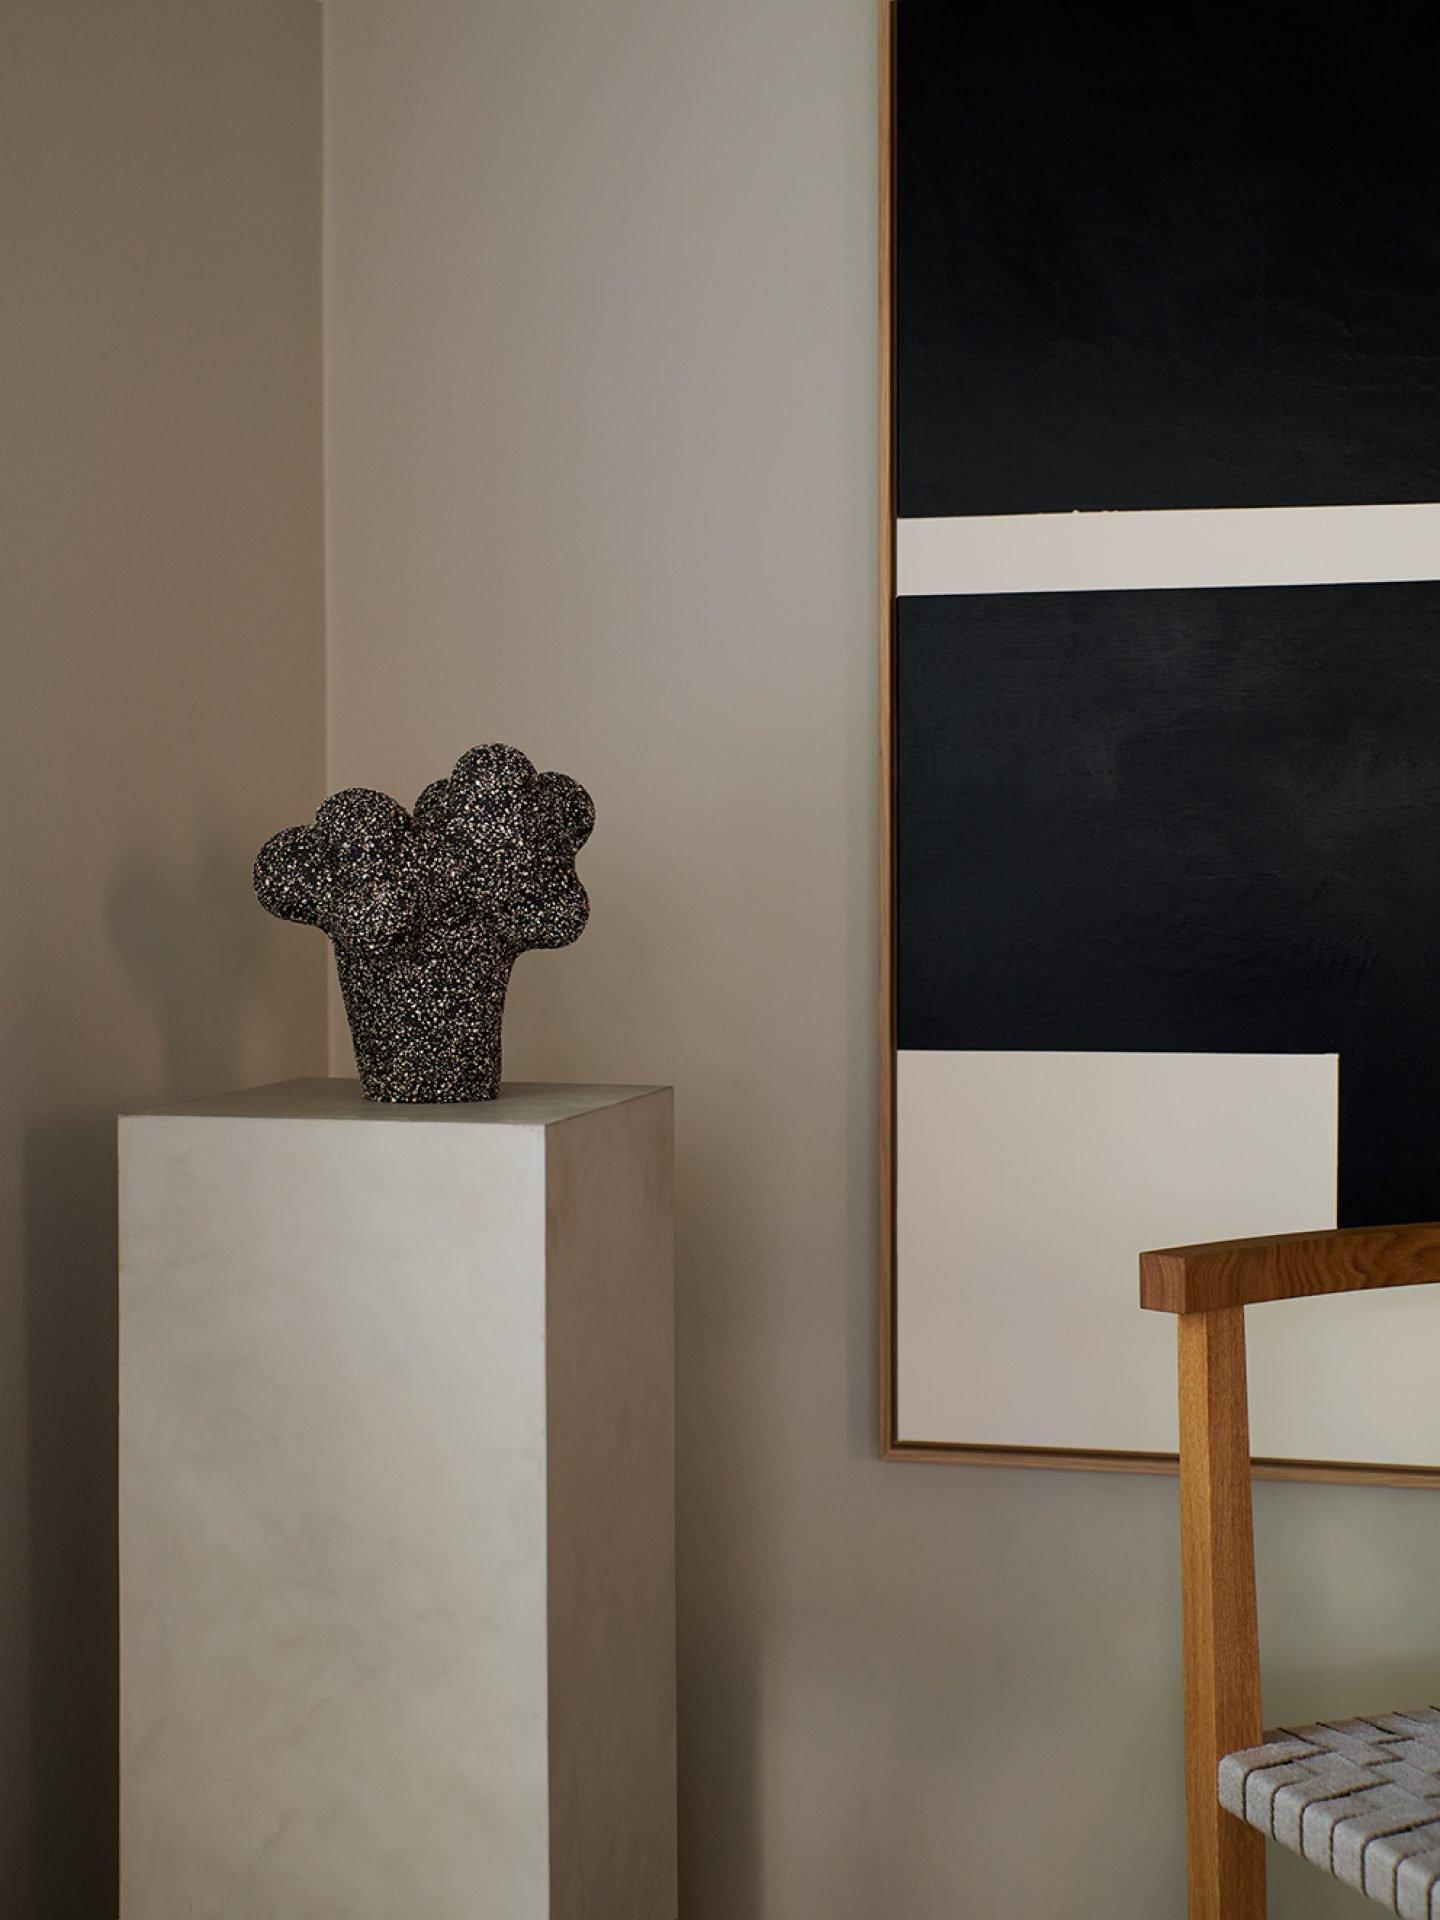 IGNANT-ART-Sculpture-Alium-29